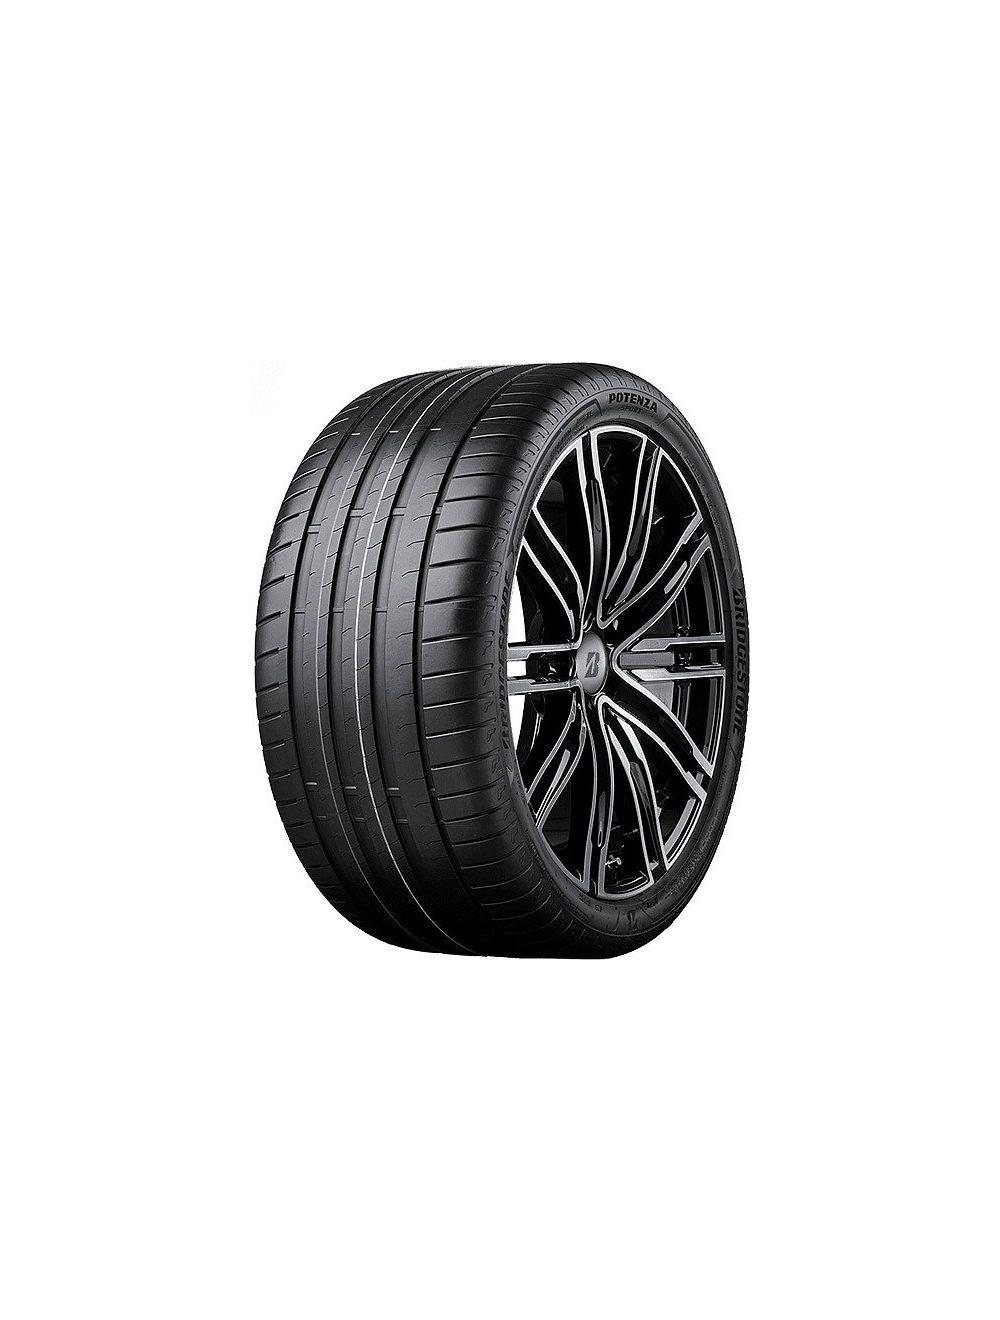 Bridgestone 215/45R18 Y PotenzaSport XL Nyári gumi